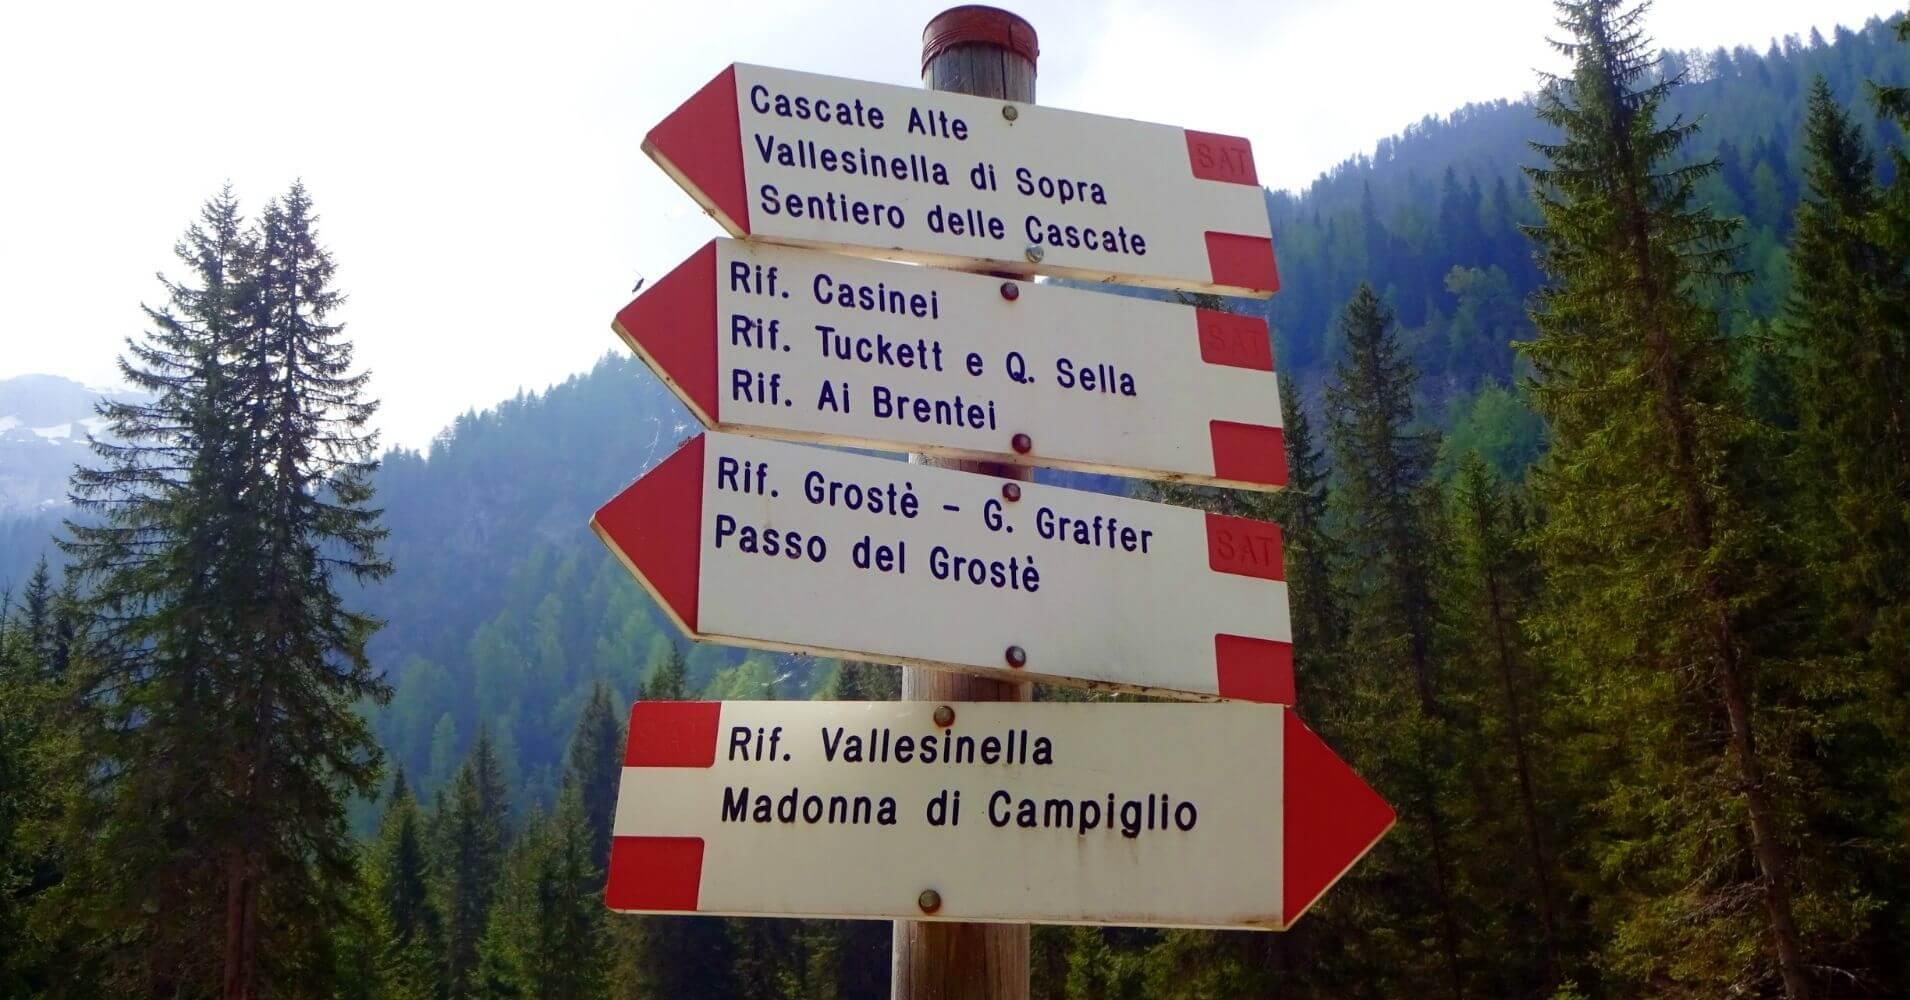 Indicadores de Dirección. Dolomitas de Brenta. Trentino Alto Adigio, Italia.